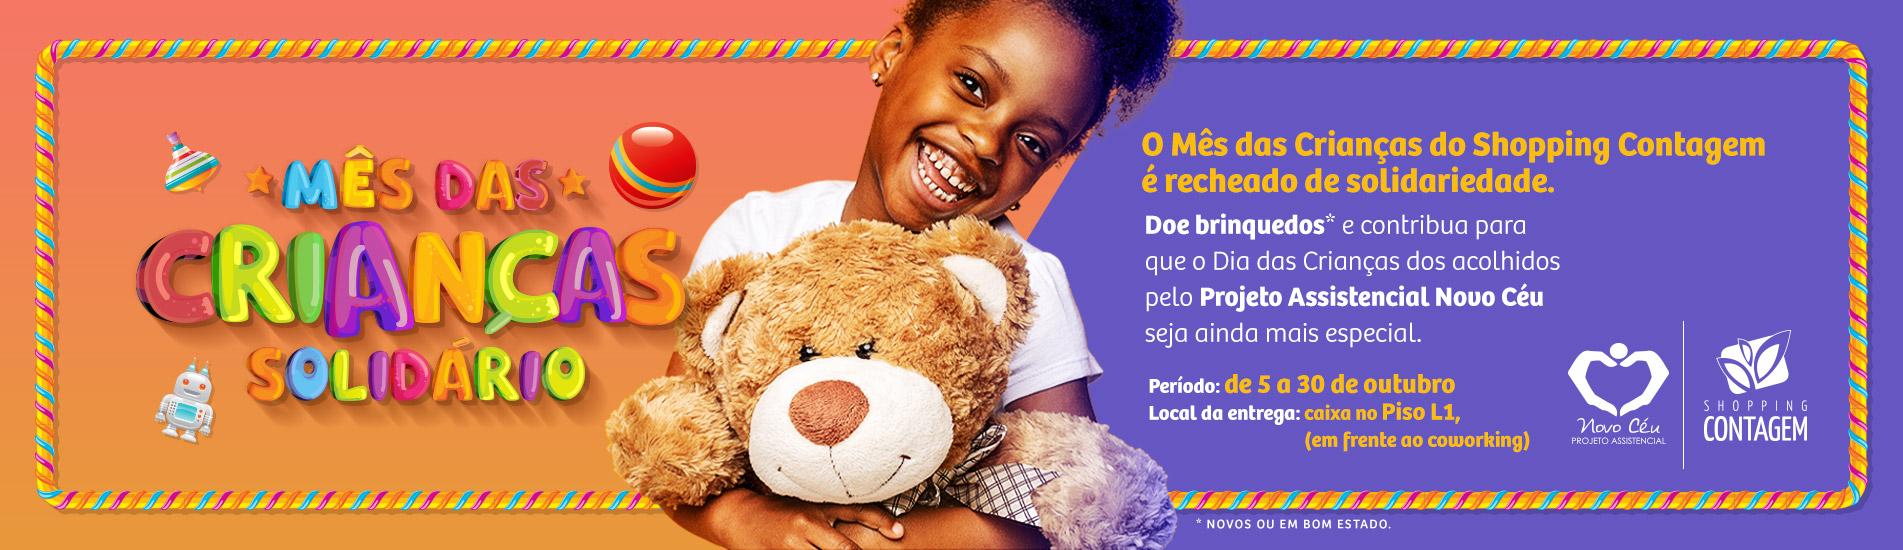 Banner Mês das Crianças